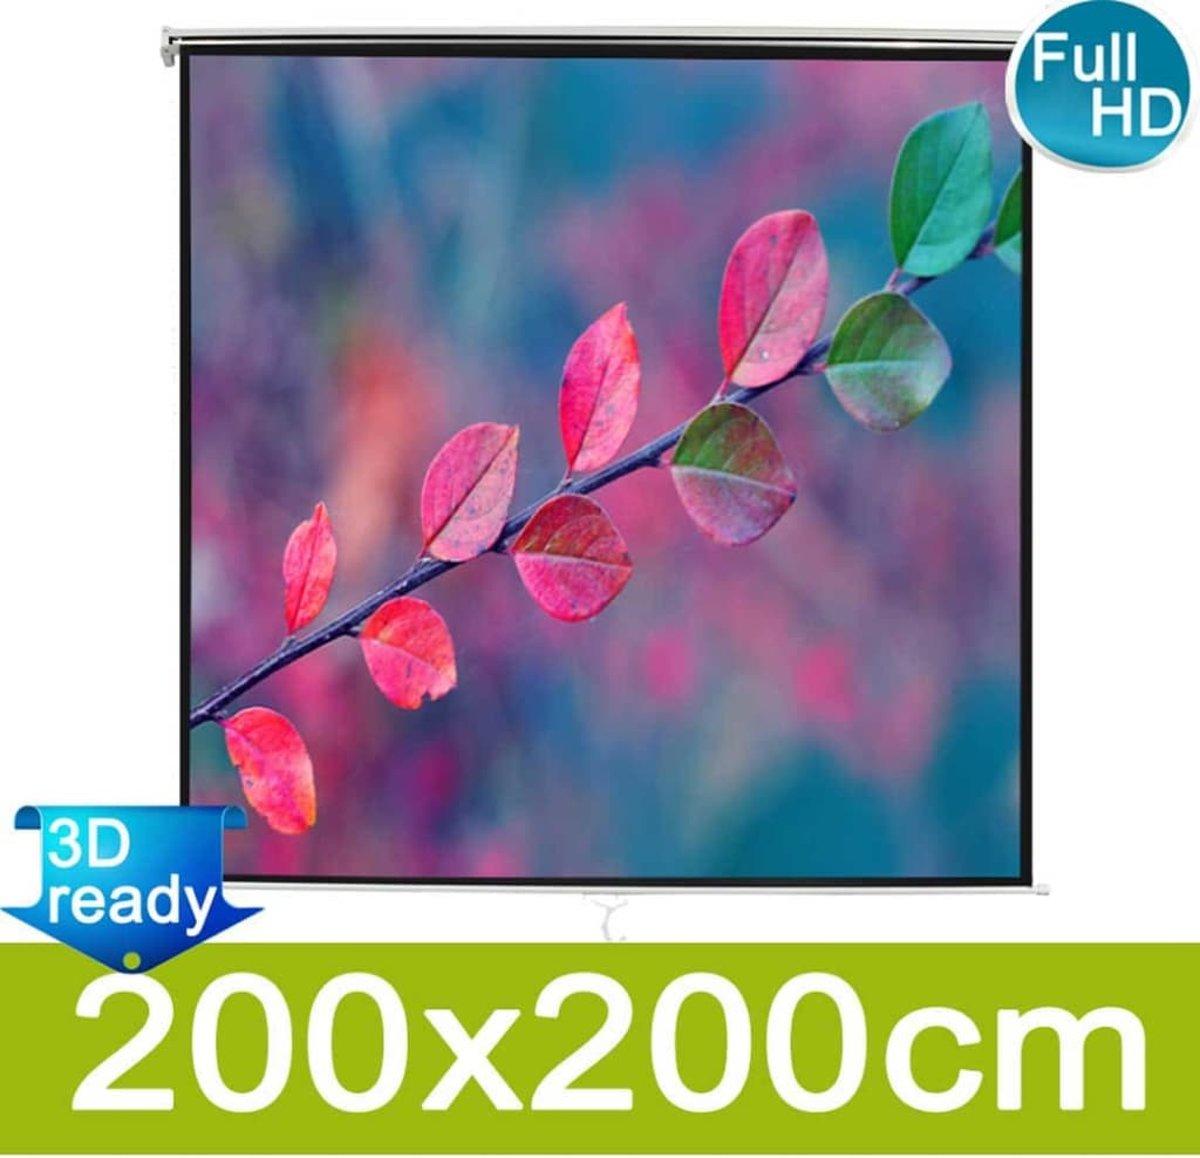 vidaXL - Projectiescherm mat wit 203x203 cm 240100 kopen